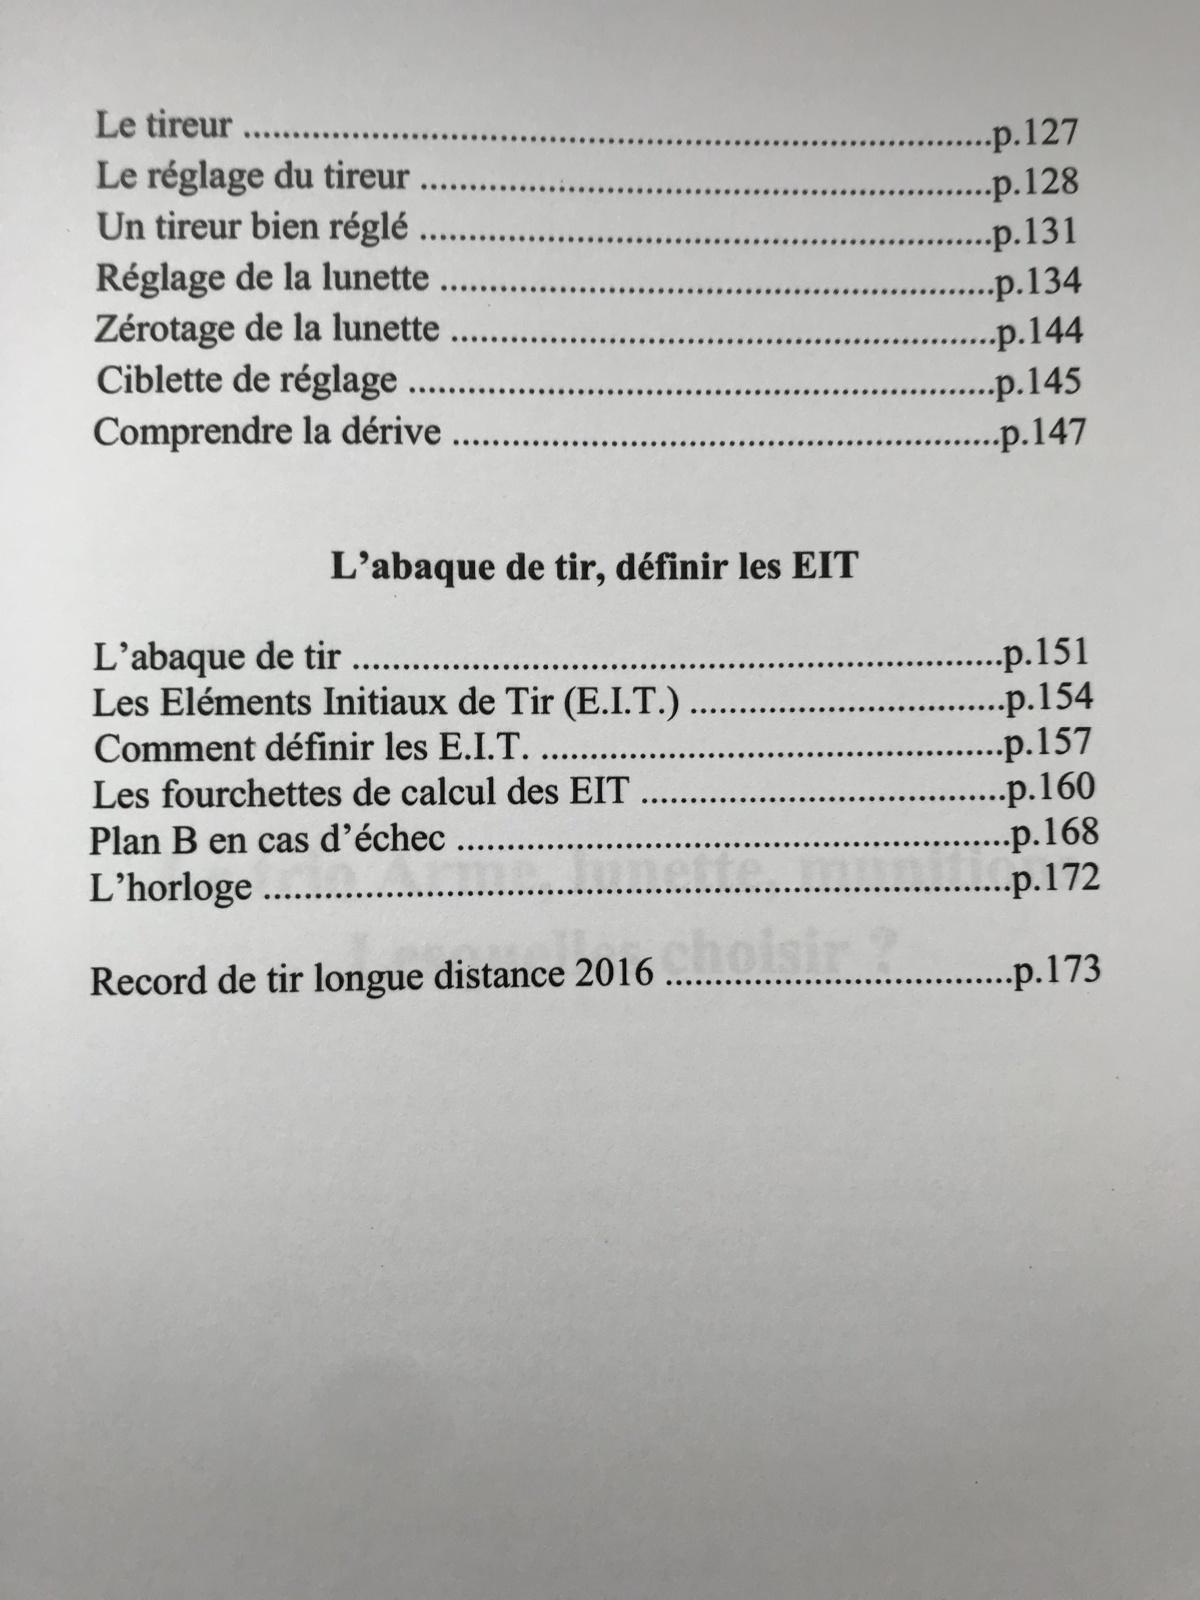 De 1 à 1000 - Tireur dElite - 2n9lyew